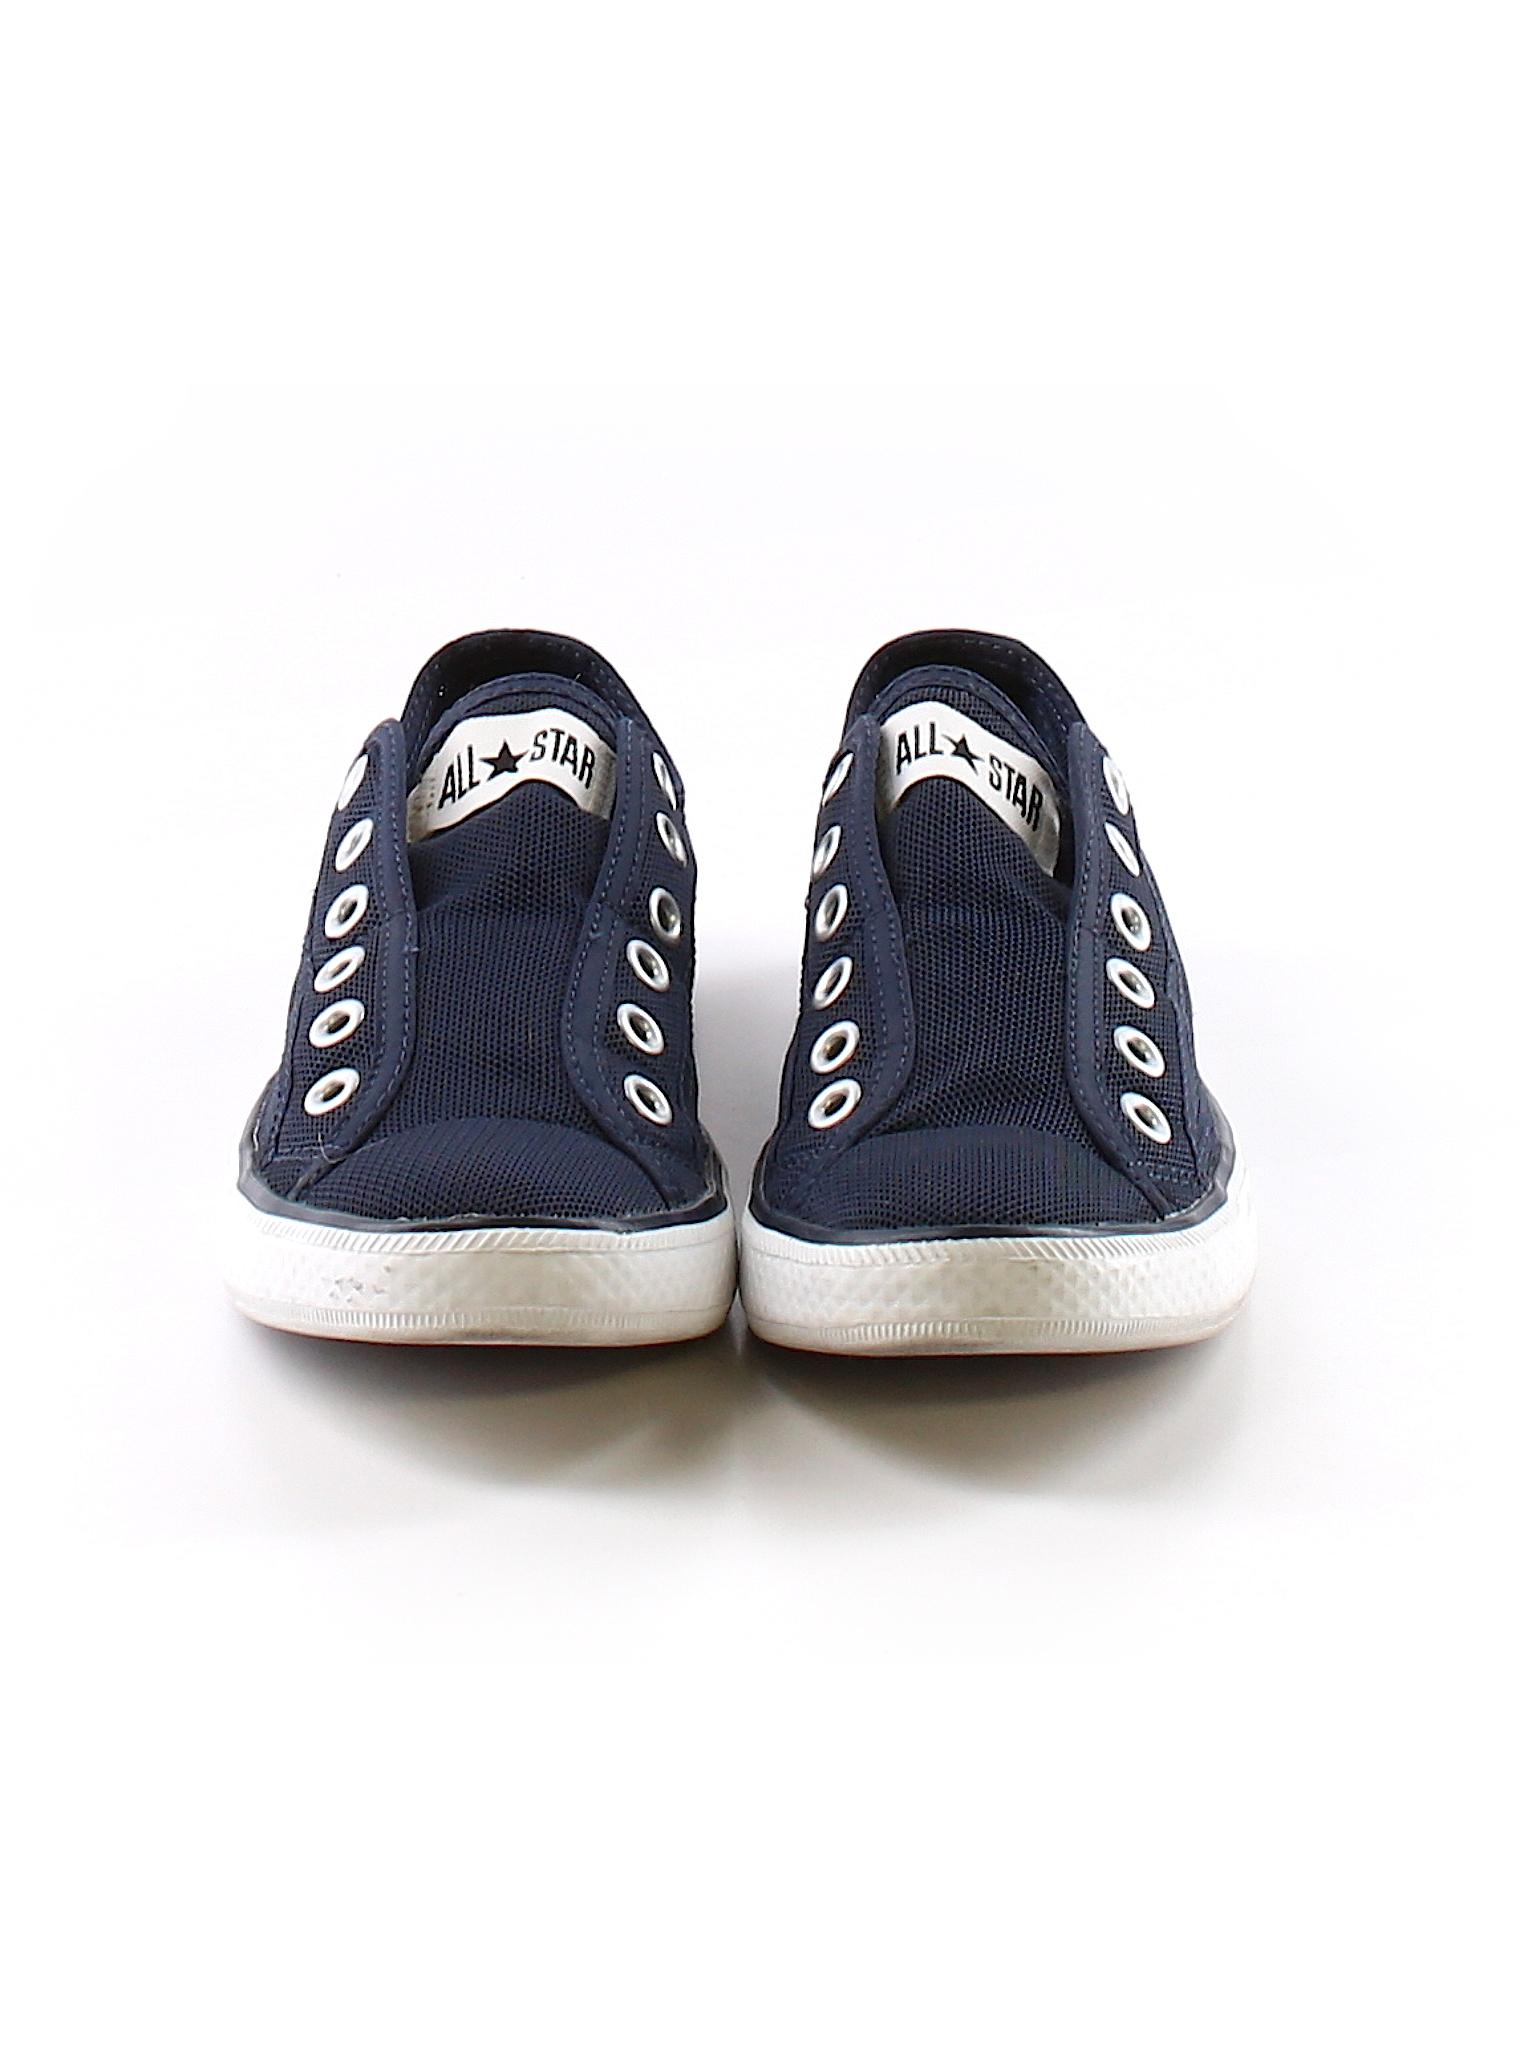 promotion promotion Sneakers Boutique Boutique Sneakers Converse Converse 5Ix04q7gw